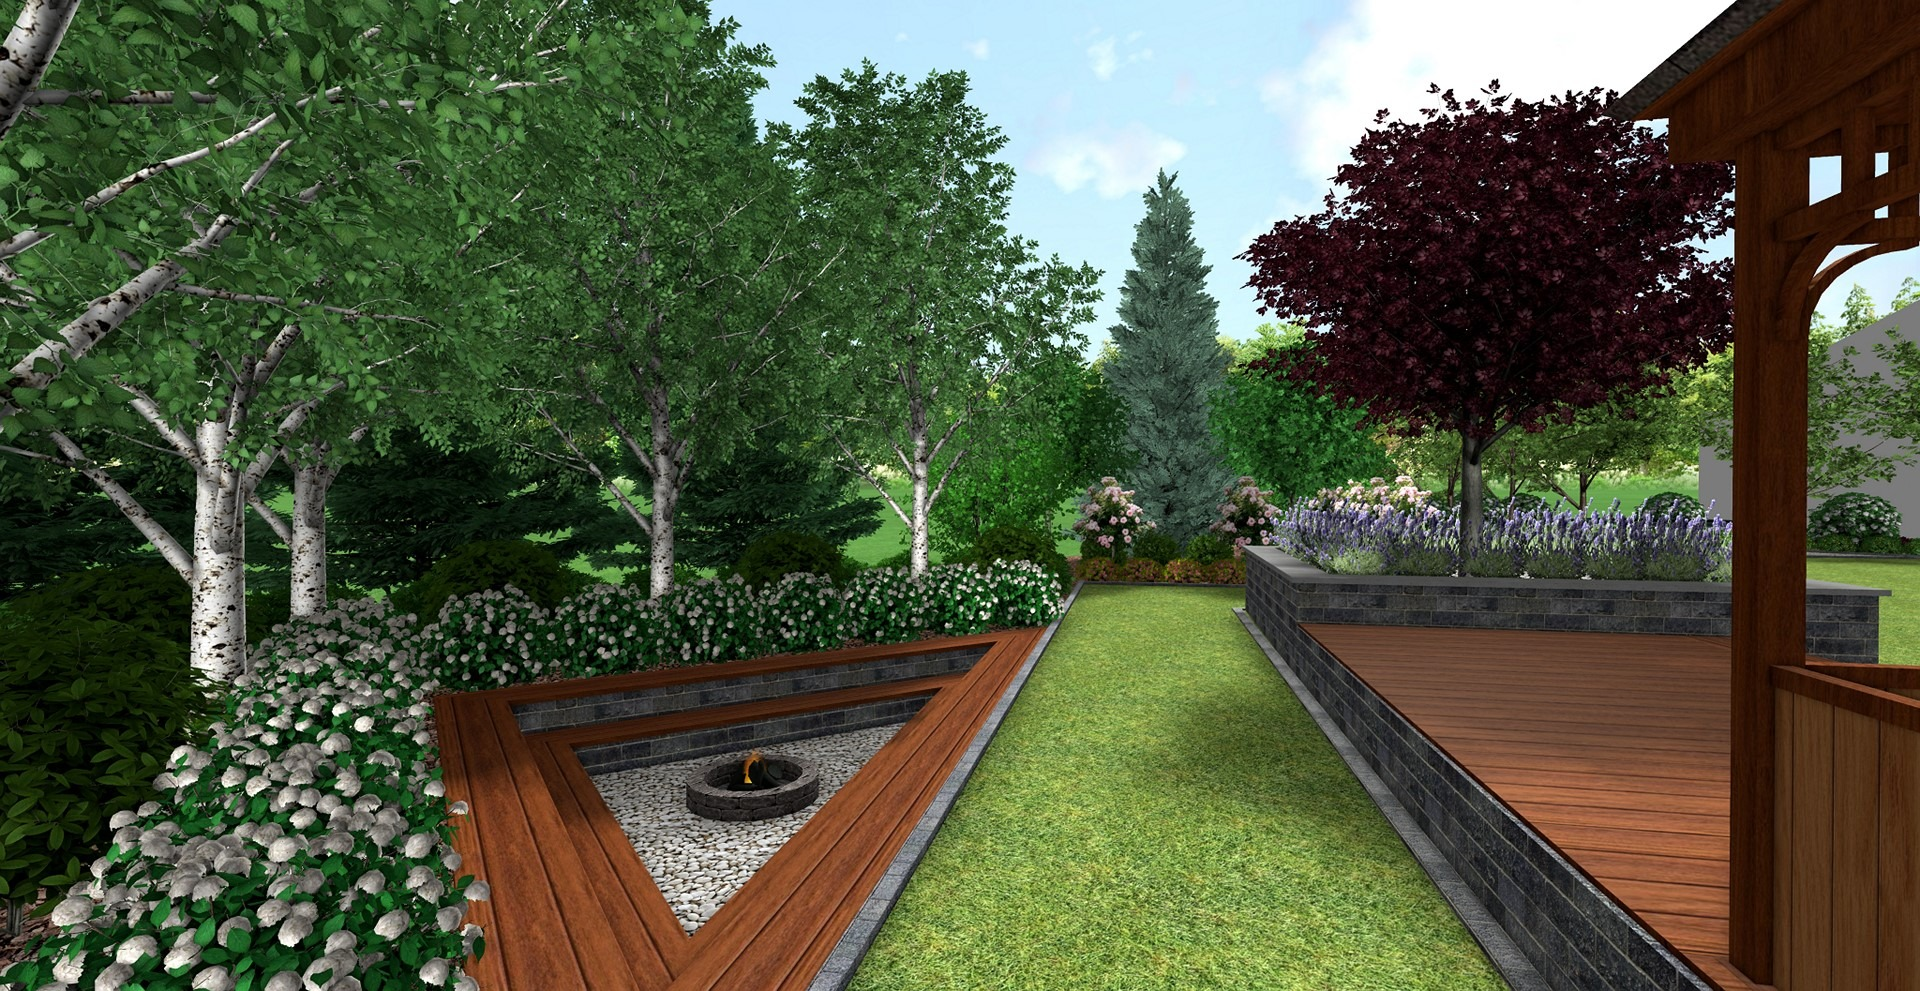 krakow-firma-projektujaca-ogrody